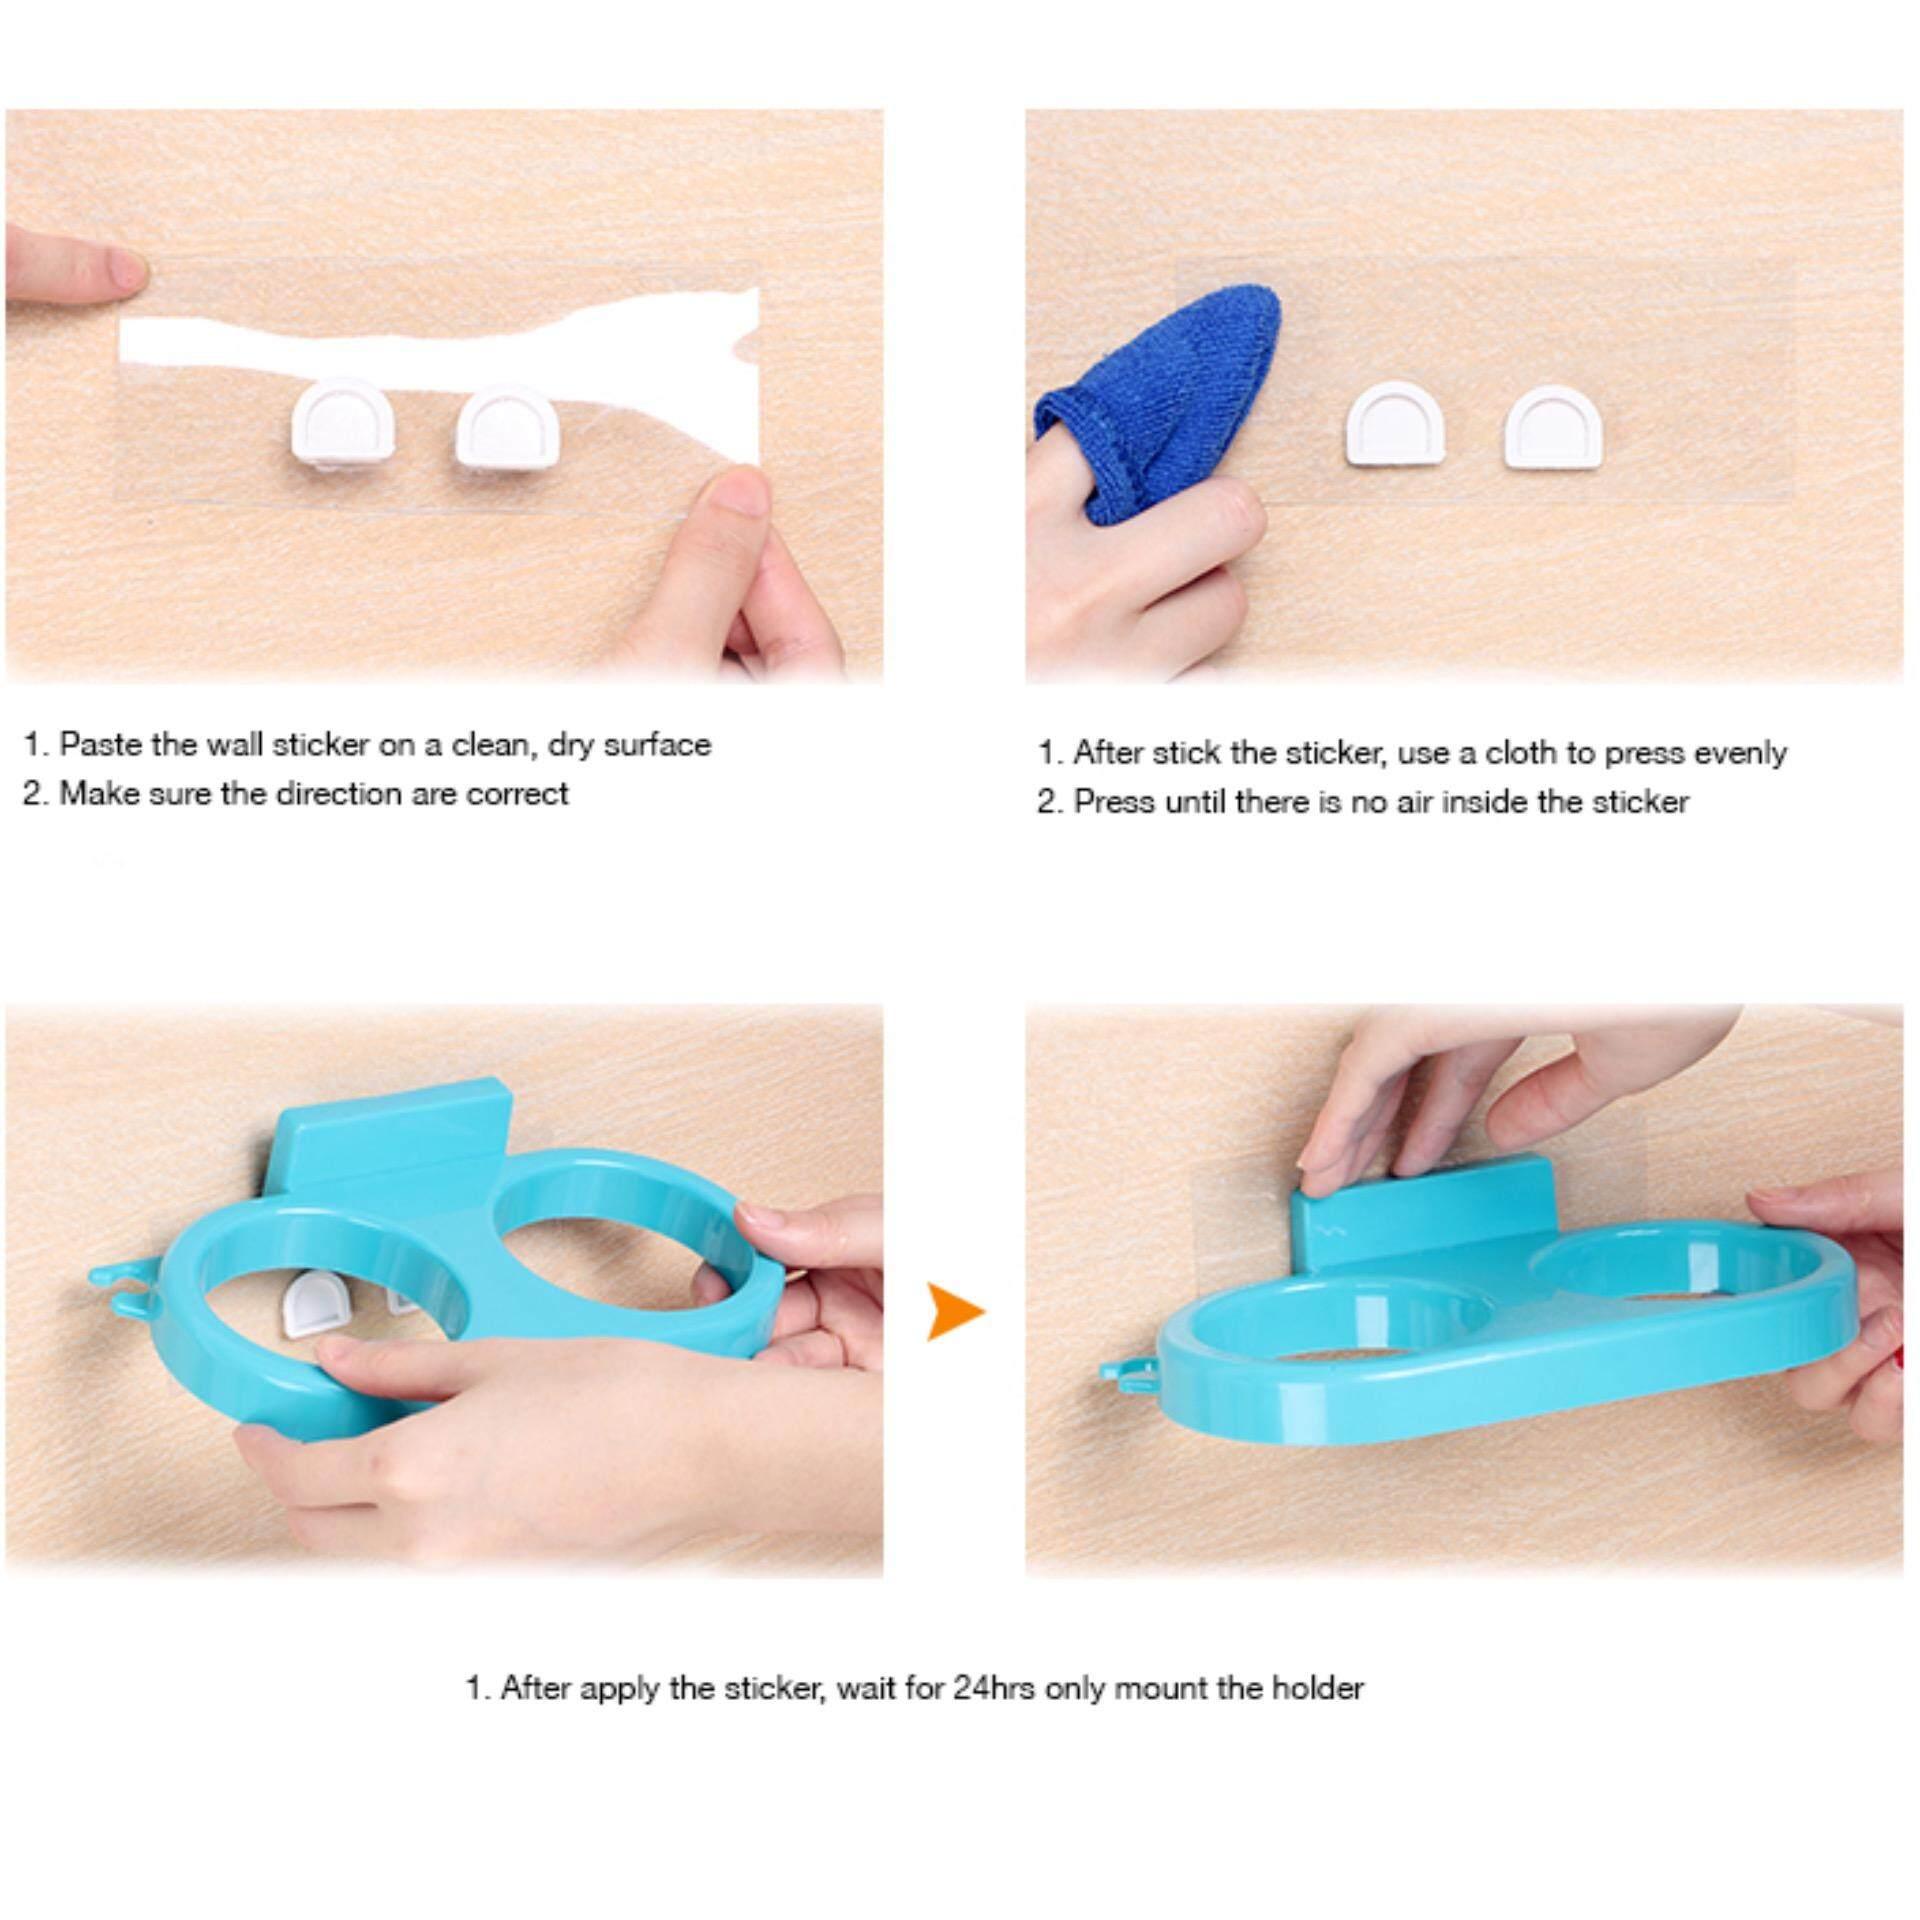 Multipurpose Toothbrush & Hair Dryer Holder